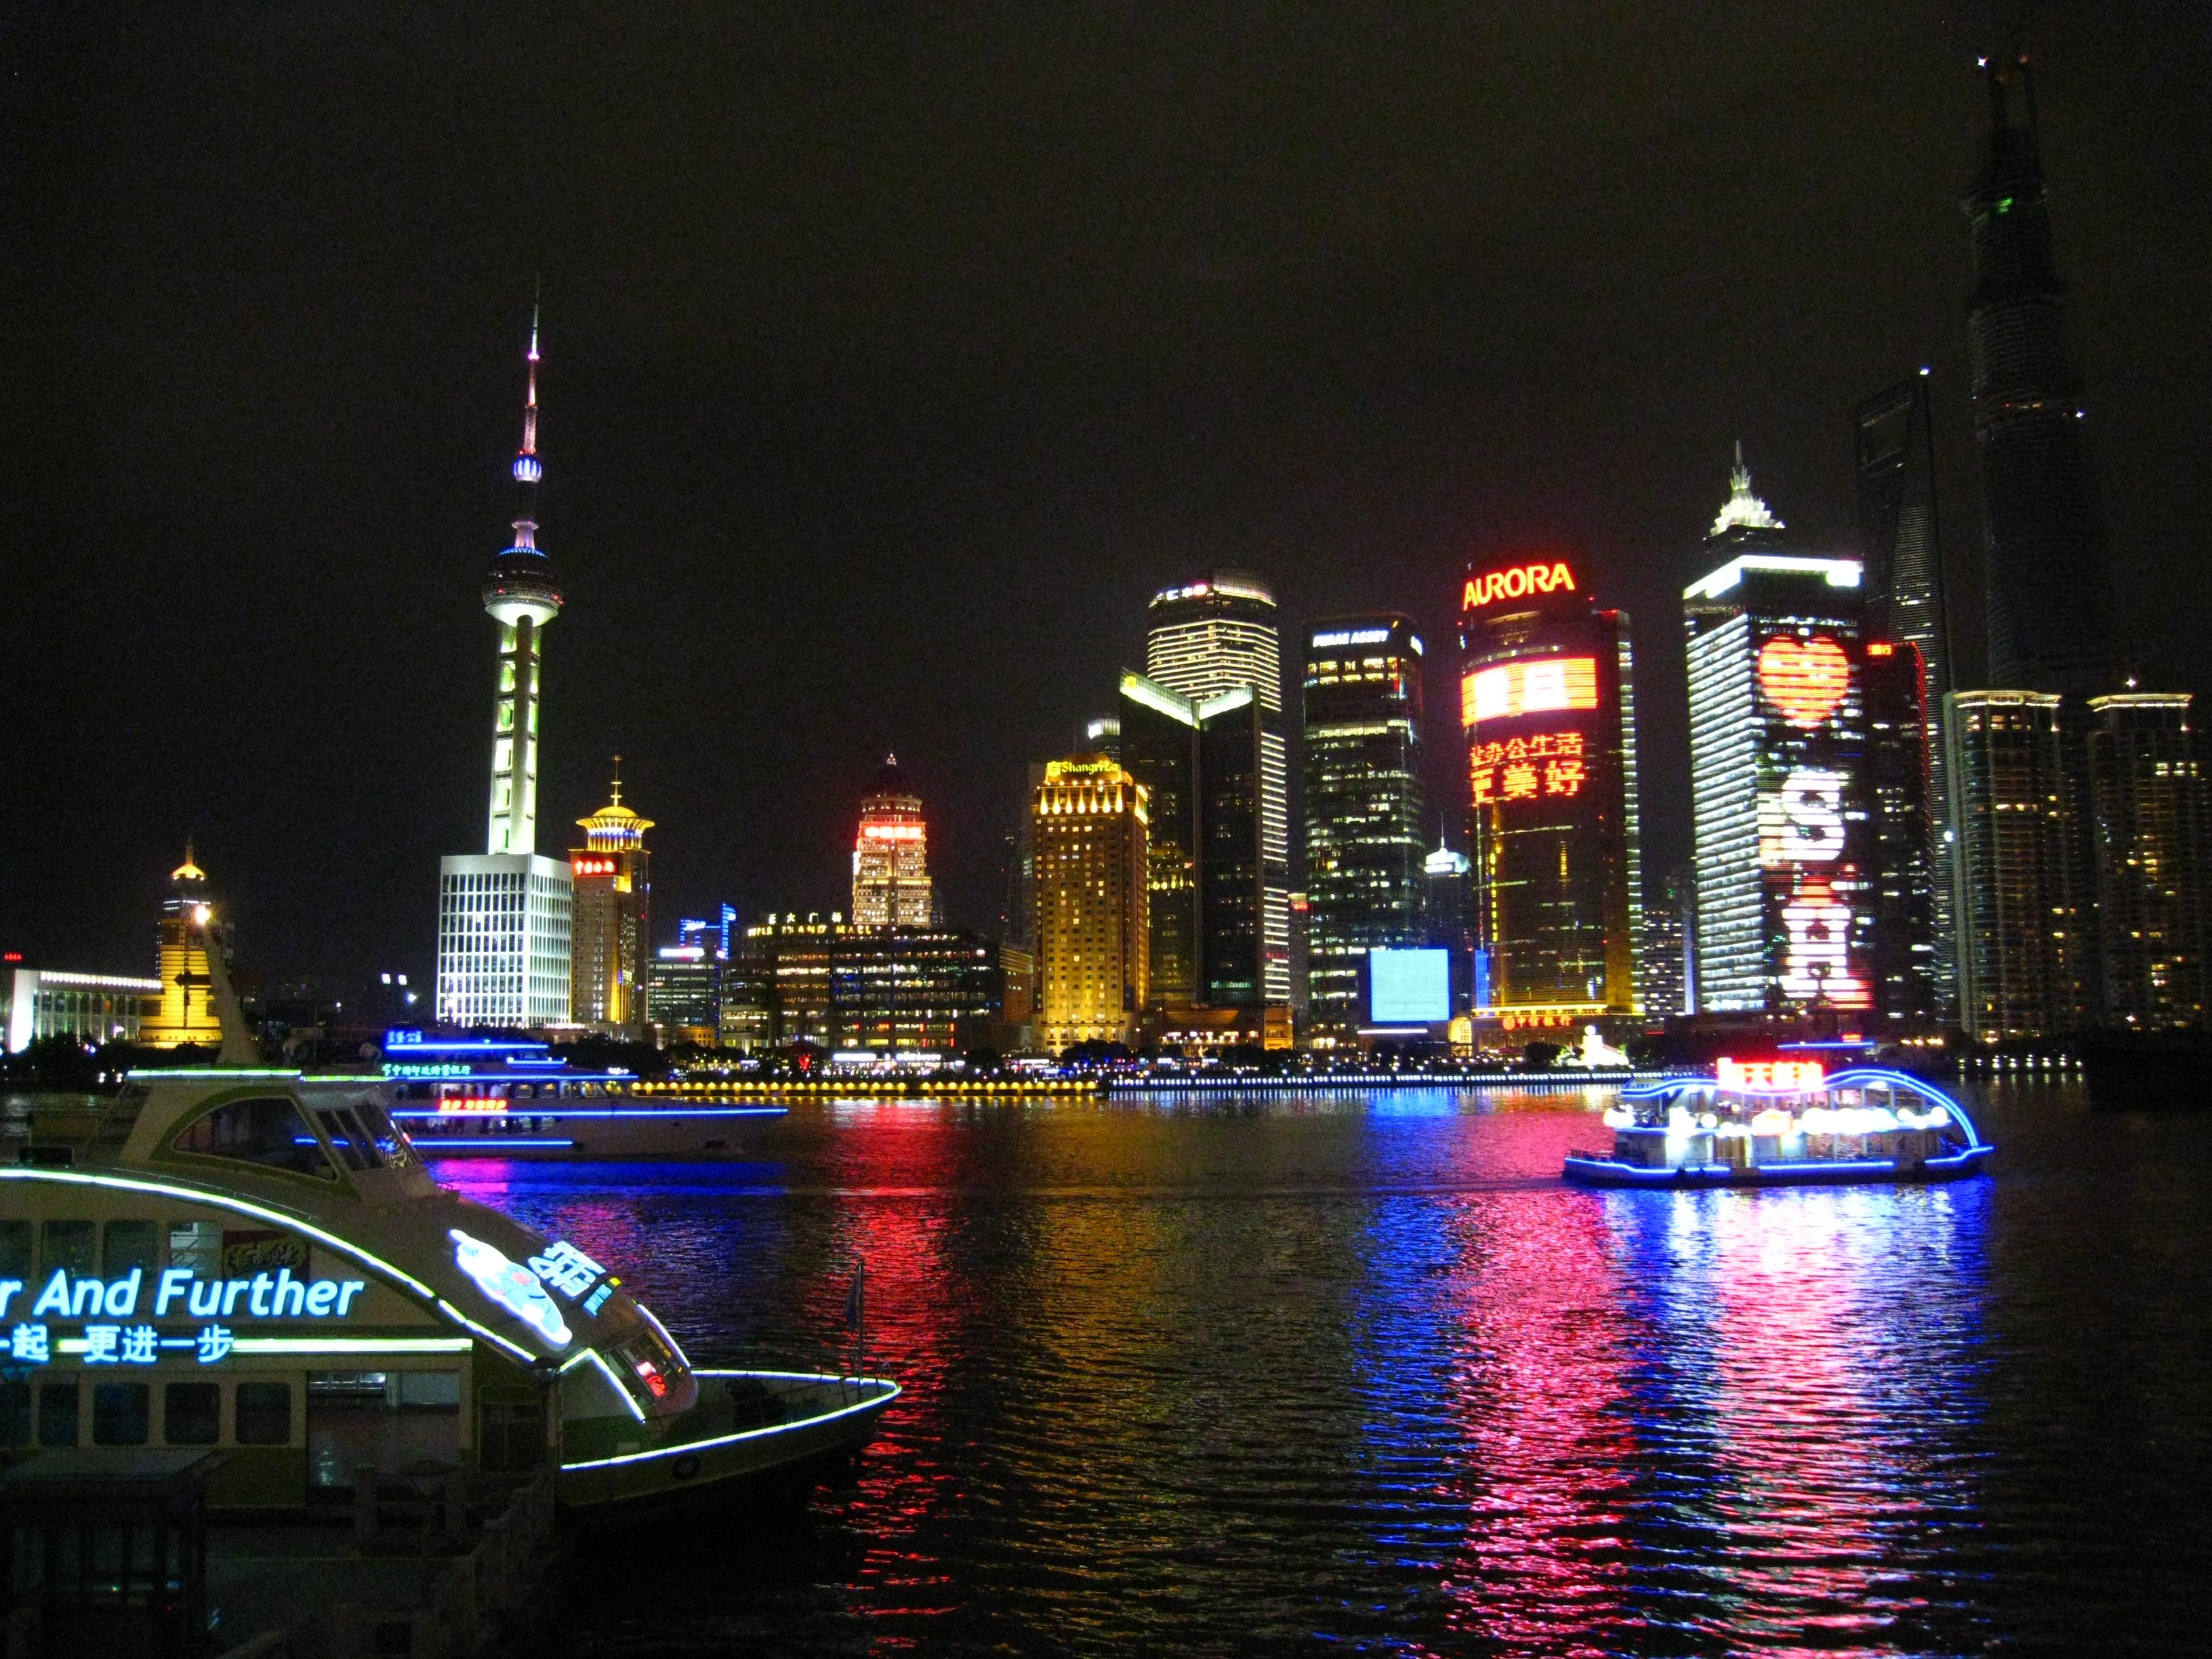 上海到北京飞机里程数